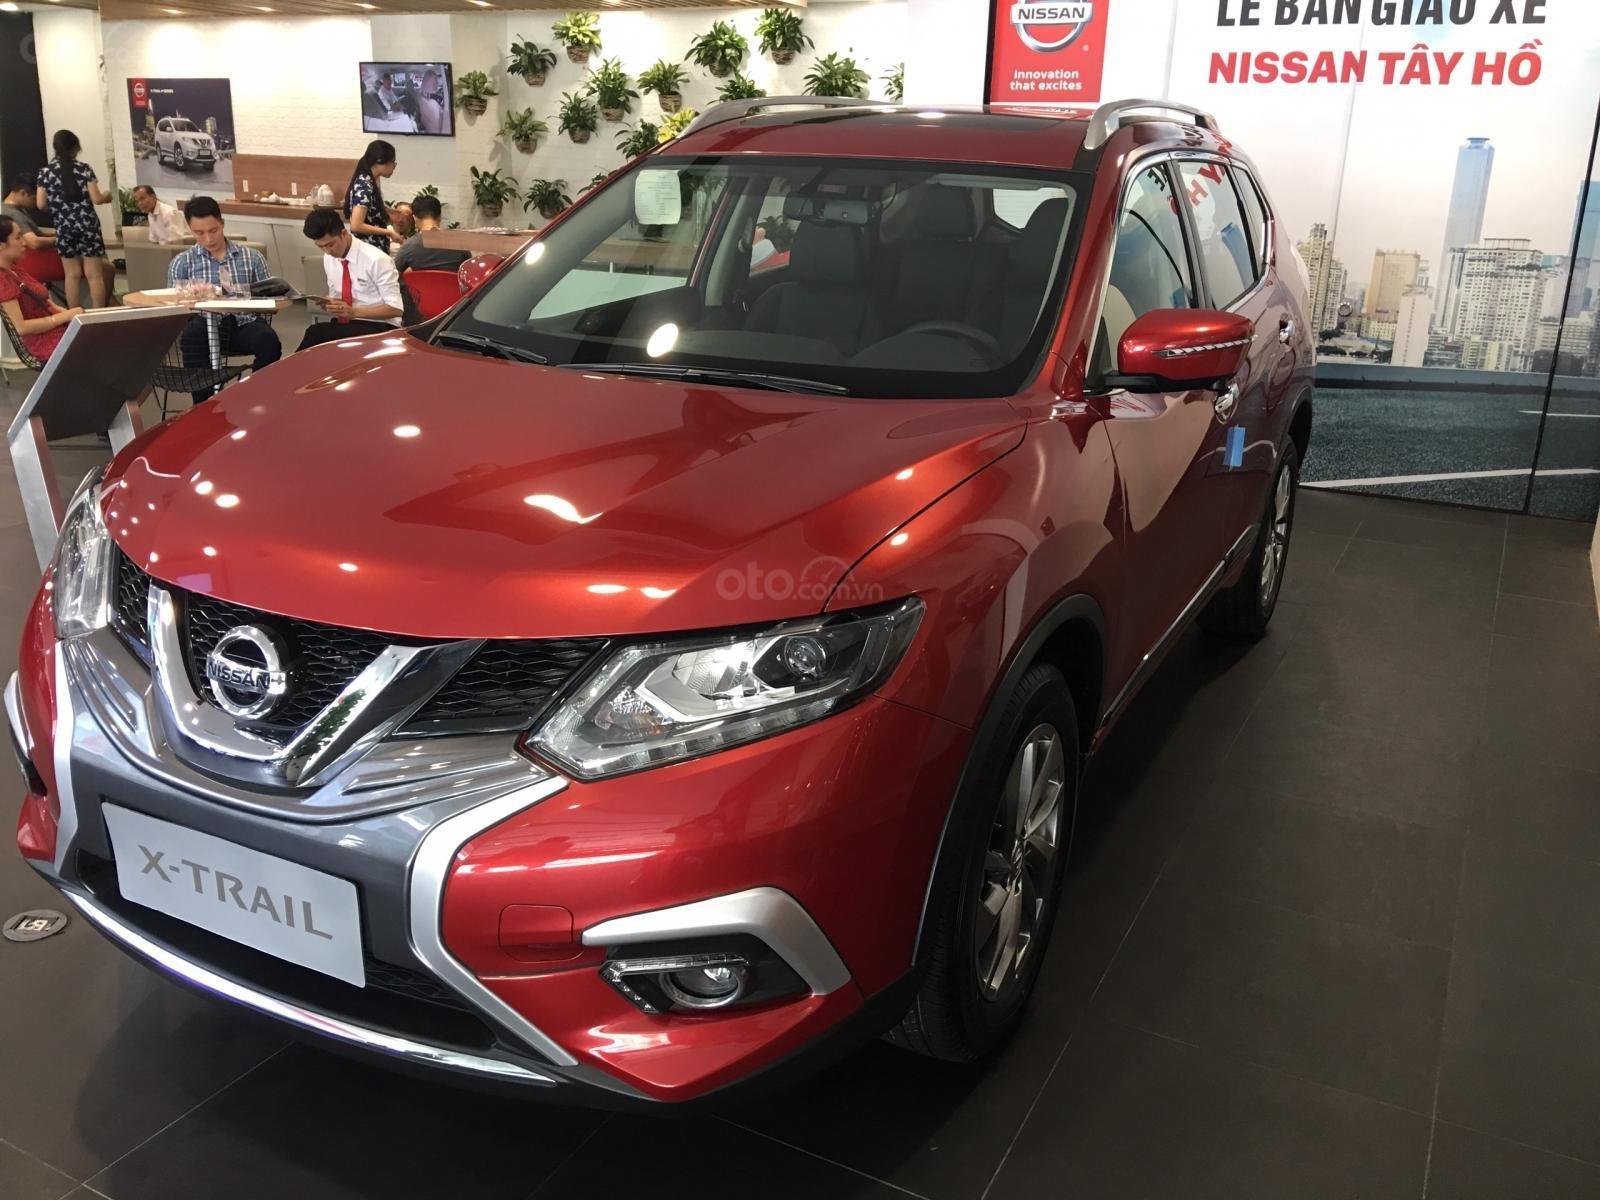 Giá hot miền Bắc: Nissan Xtrail 2.5 SV Luxury - giá 900 triệu nhiều ưu đãi lớn, hỗ trợ trả góp 80%, trải nghiệm lái thử (3)